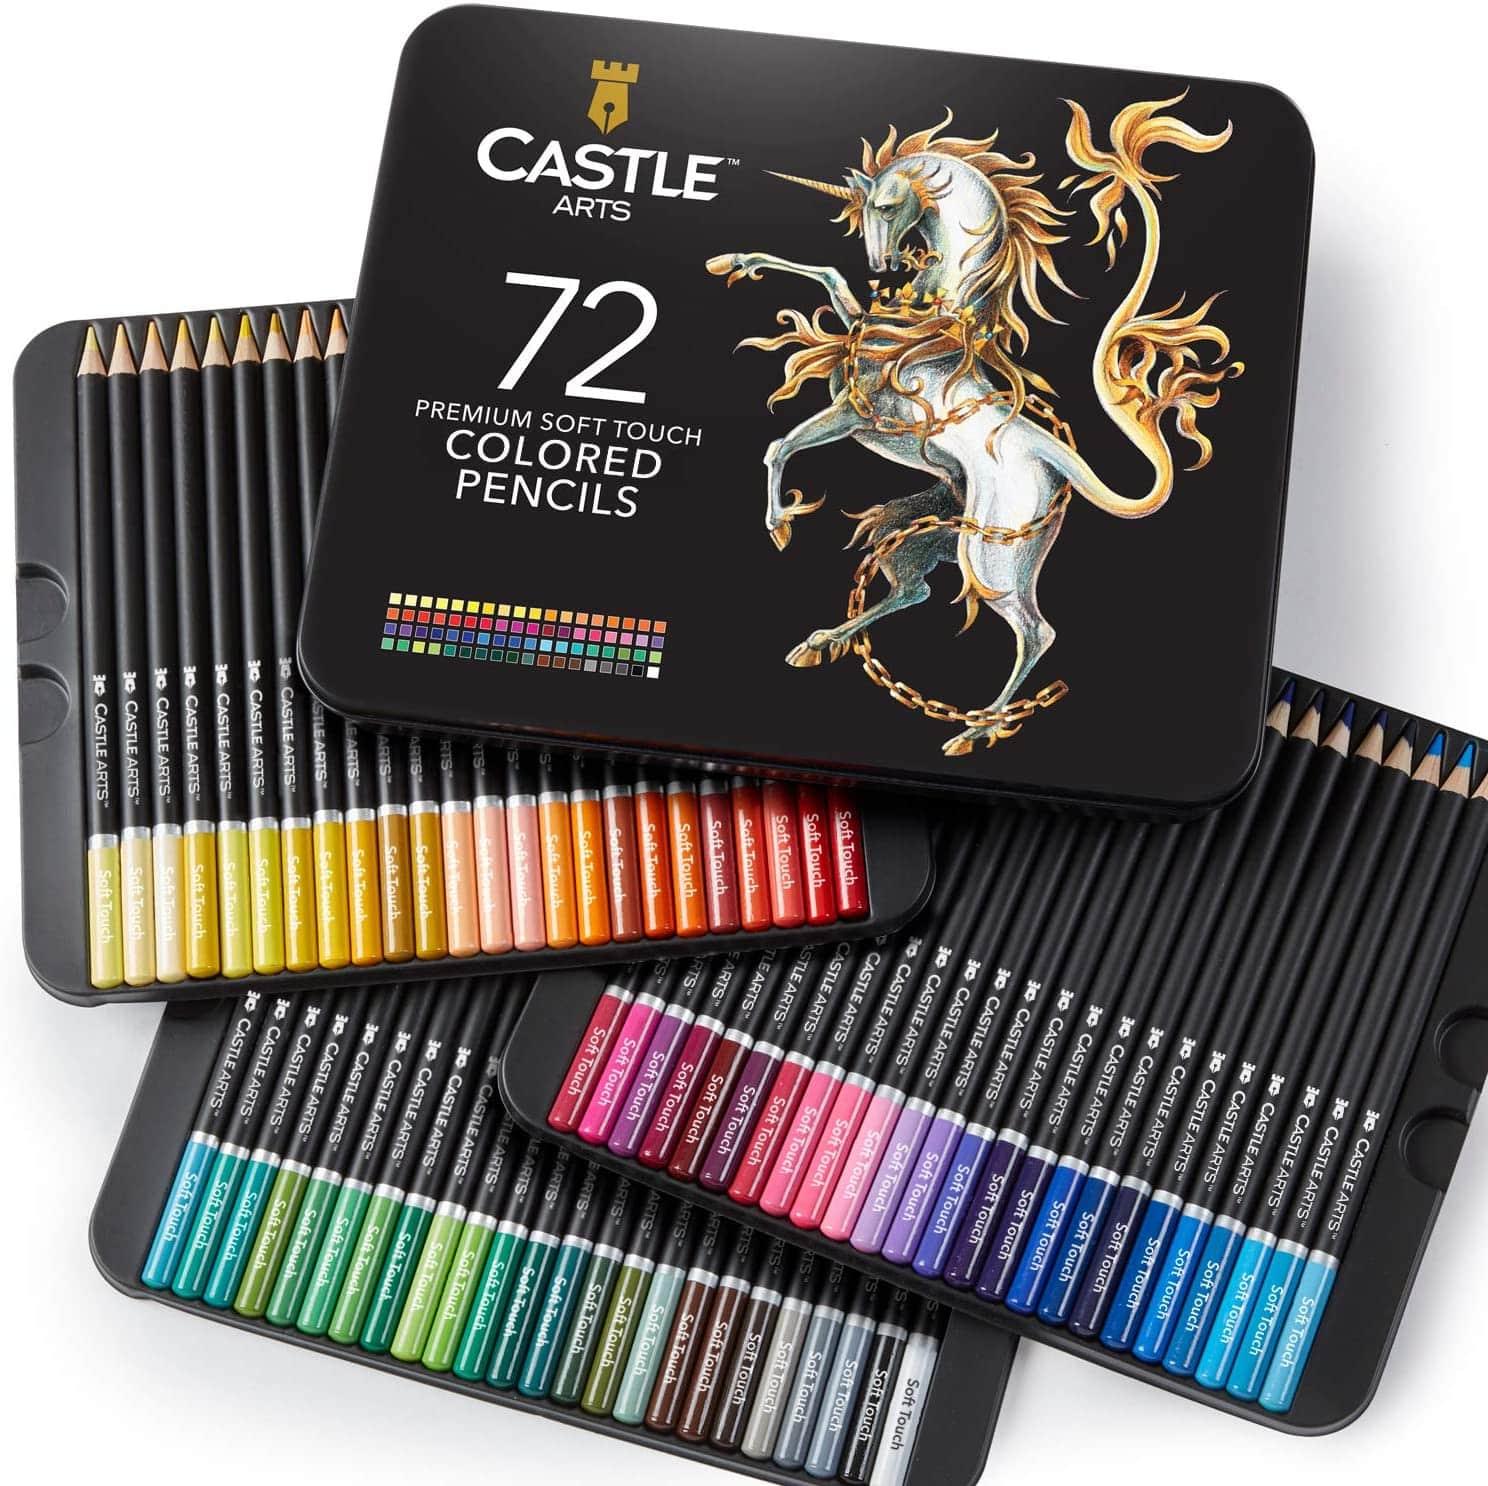 Castle Art Supplies 72 Colored Pencils Set for Coloring Books